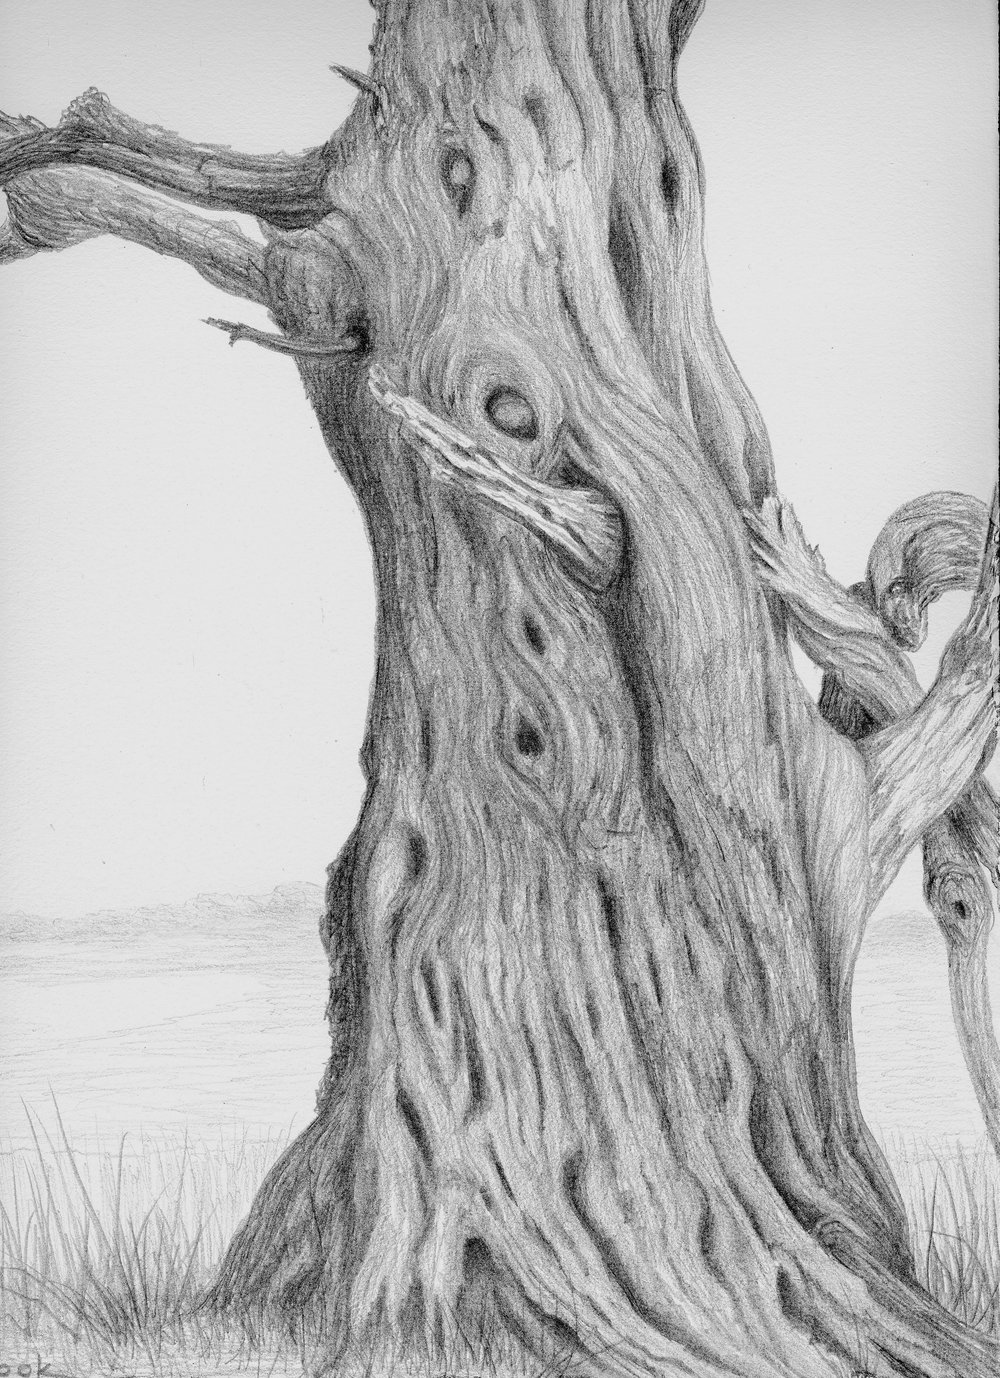 Creighton Cedar, silverpoint, Jeannine Cook artist